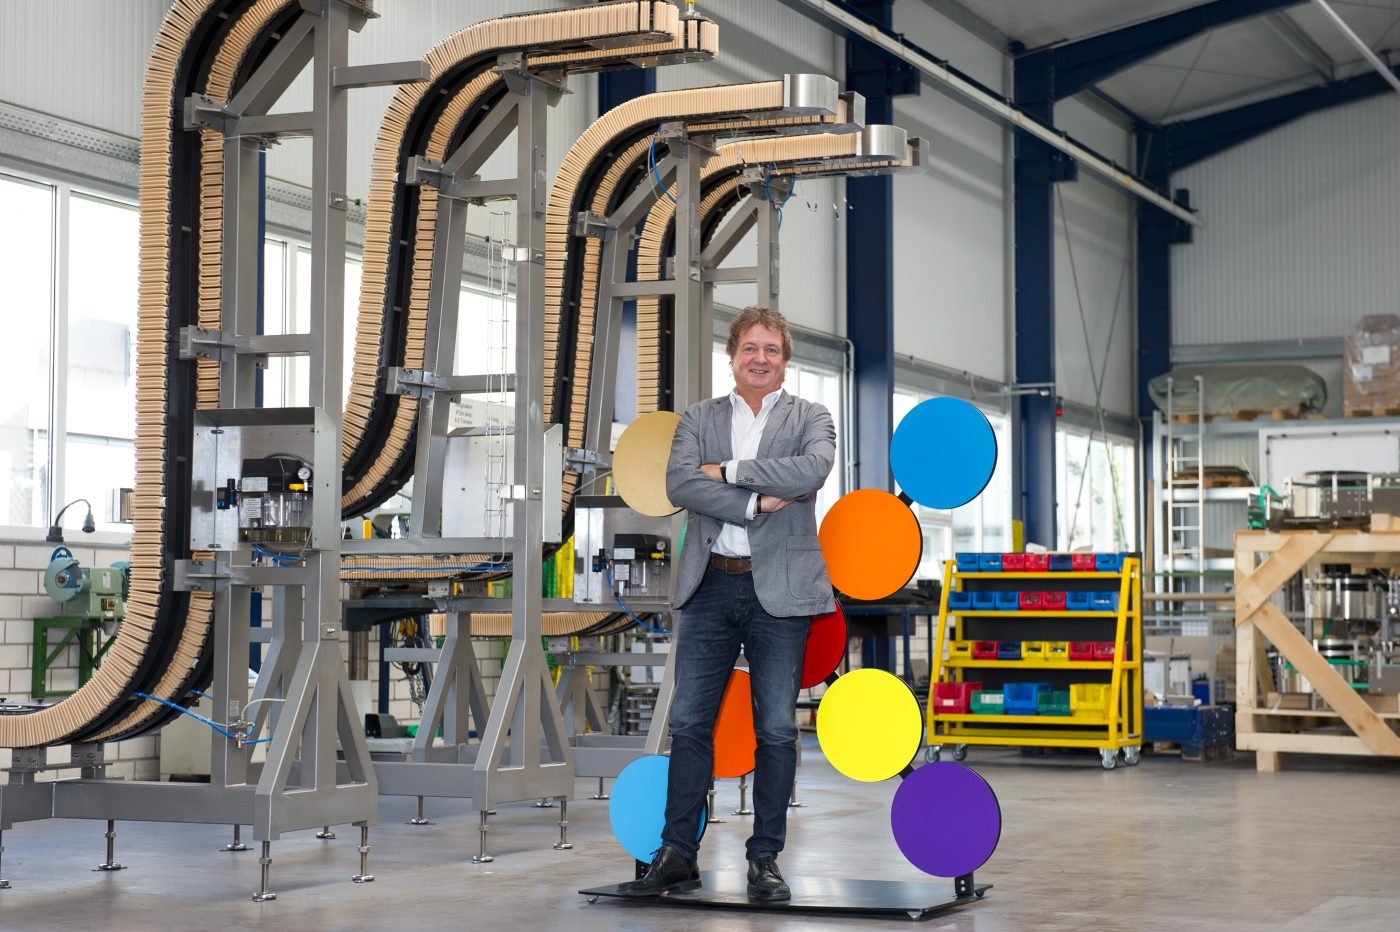 Stefan Schoppmeier, Vertrieb, Gronemeyer Maschinenfabrik